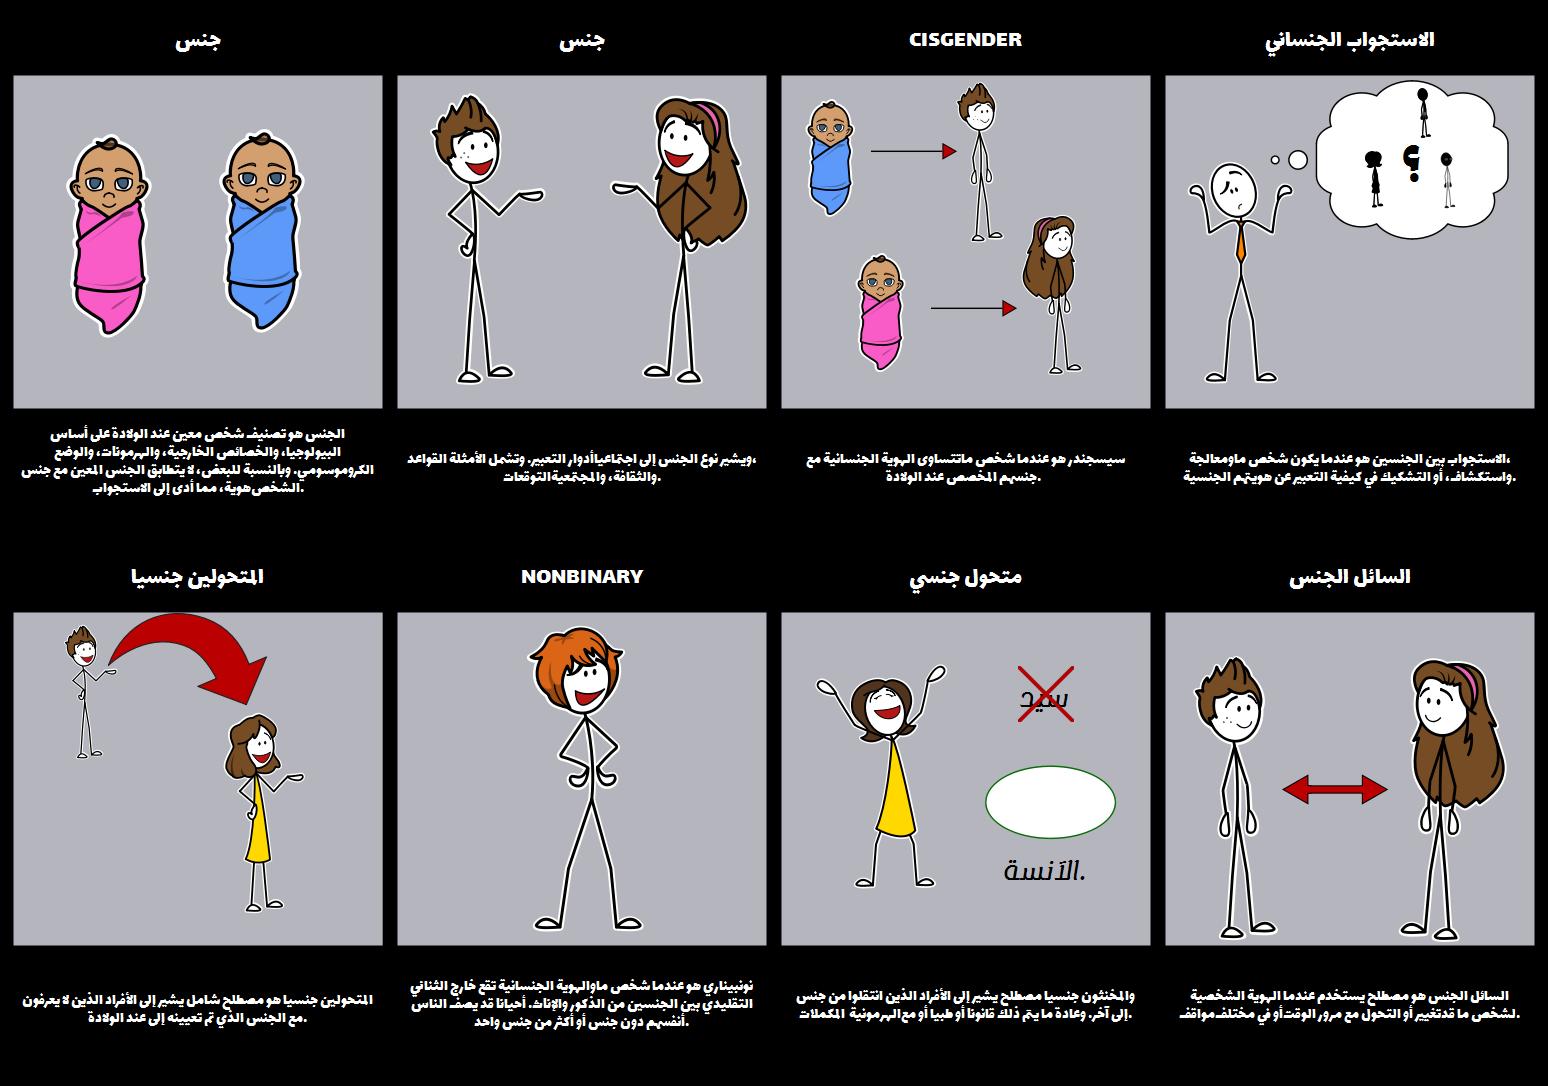 المصطلحات الجنسانية